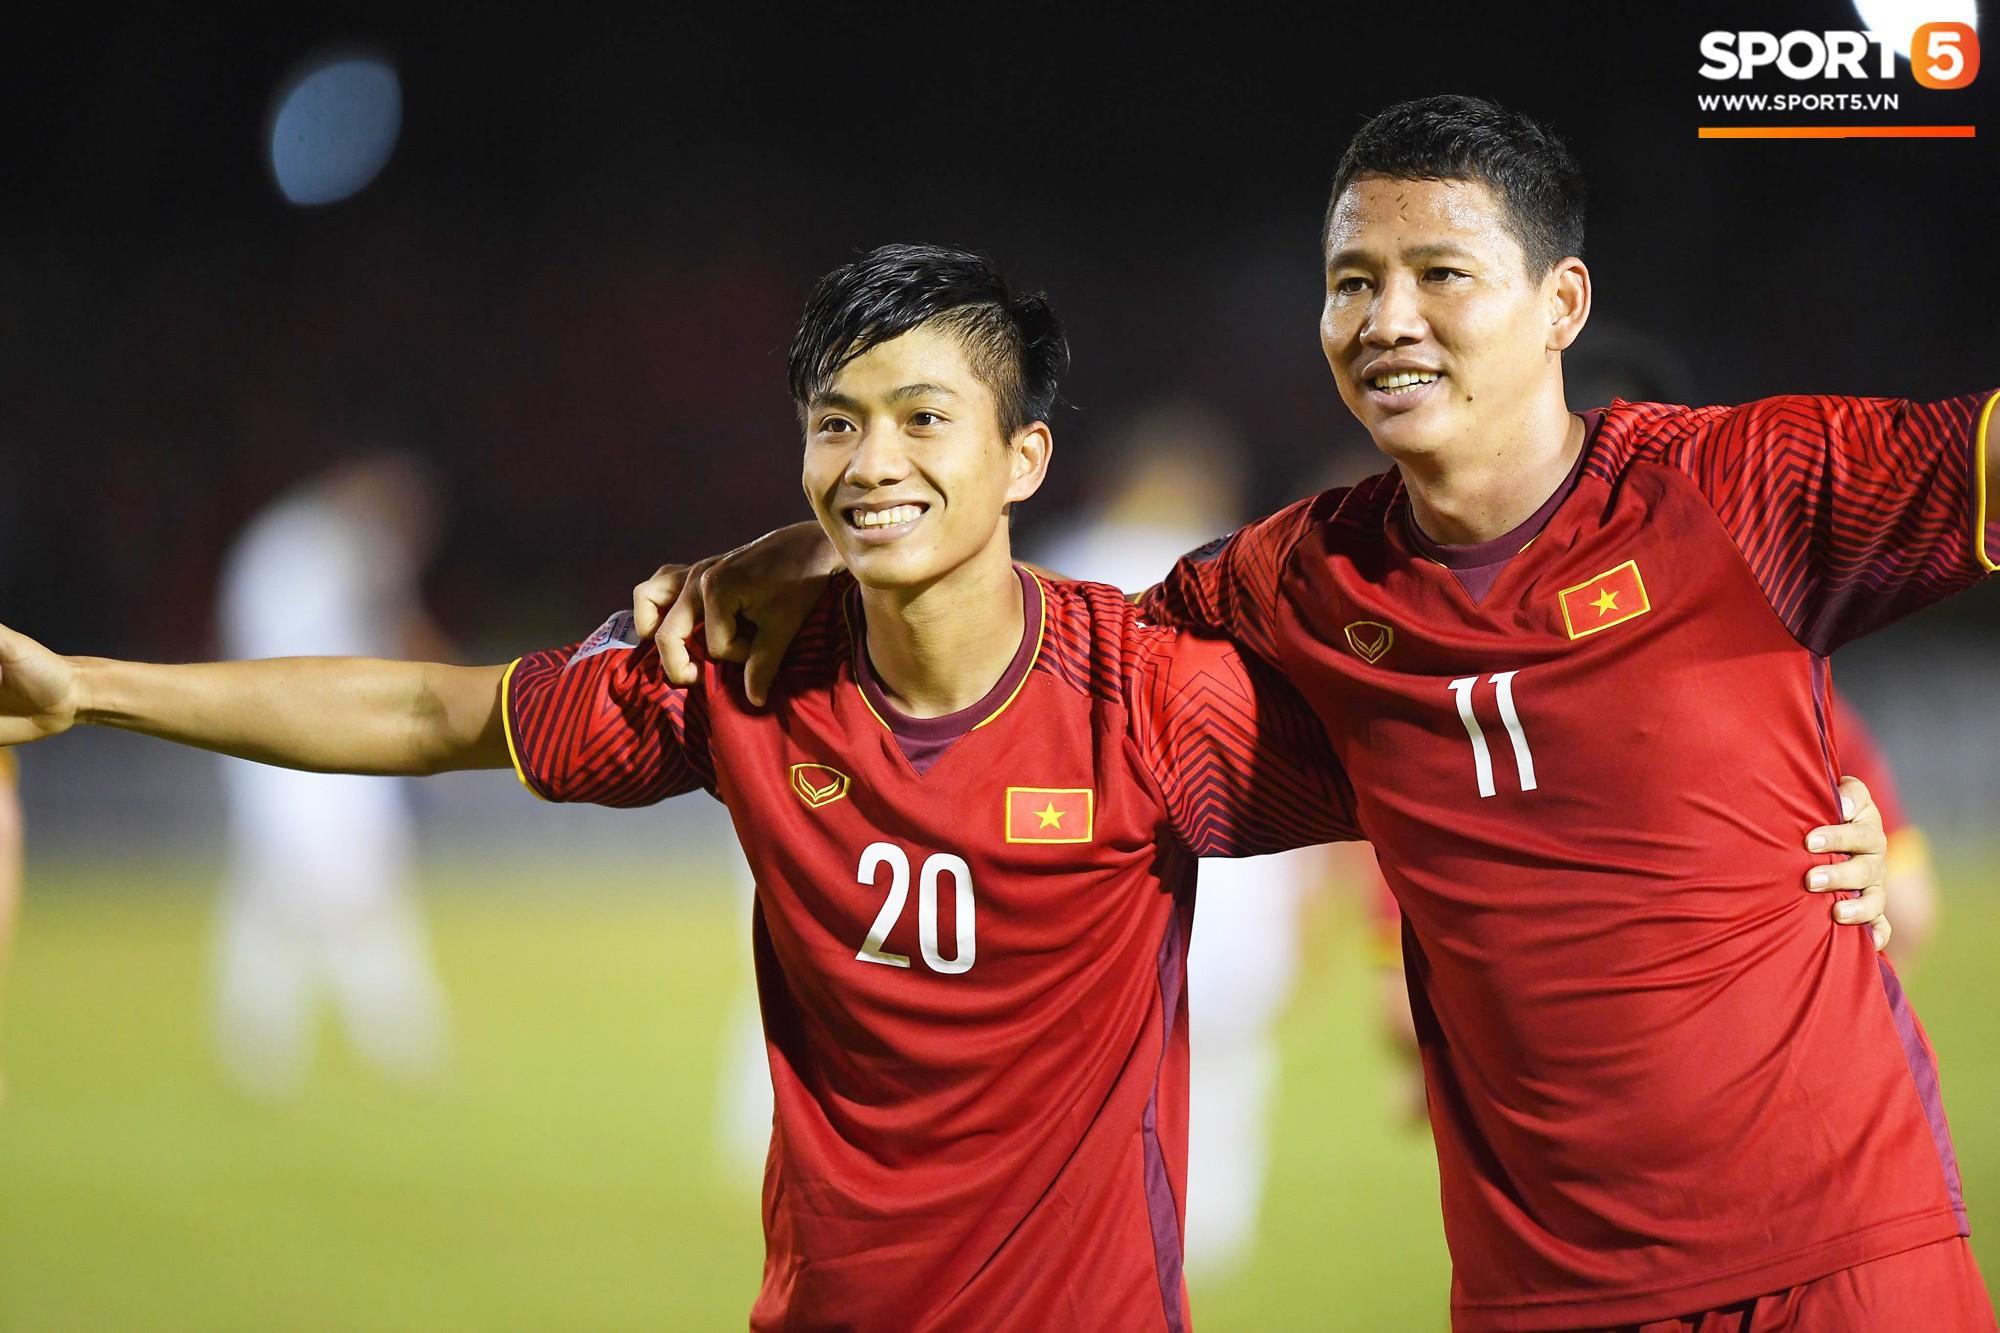 Báo châu Á: Ma thuật của ngài Park đã khiến HLV World Cup phải tâm phục khẩu phục-2